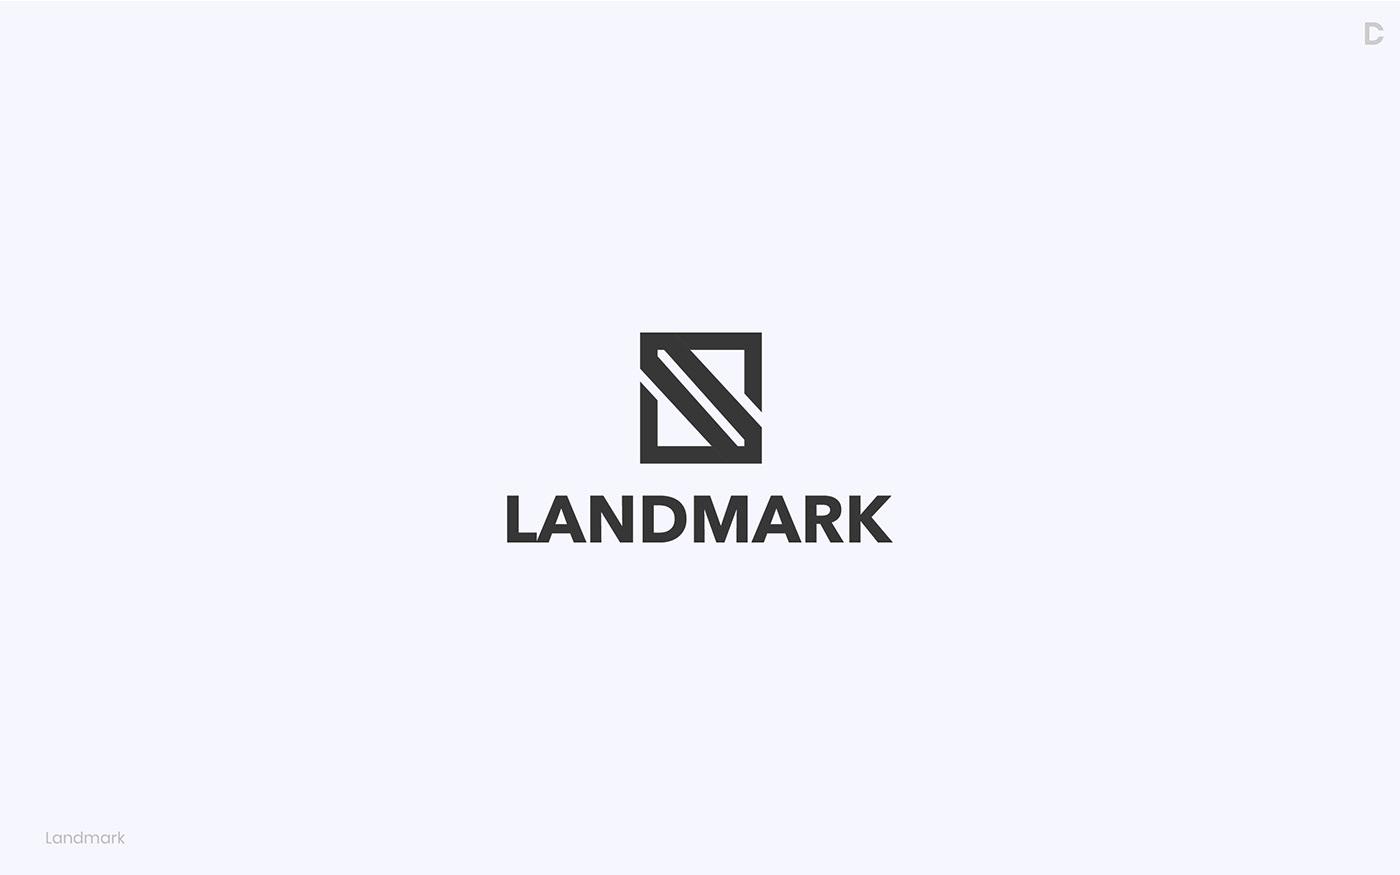 logo Logotype identity brand identity logo designer Graphic Designer identity designer brand designer